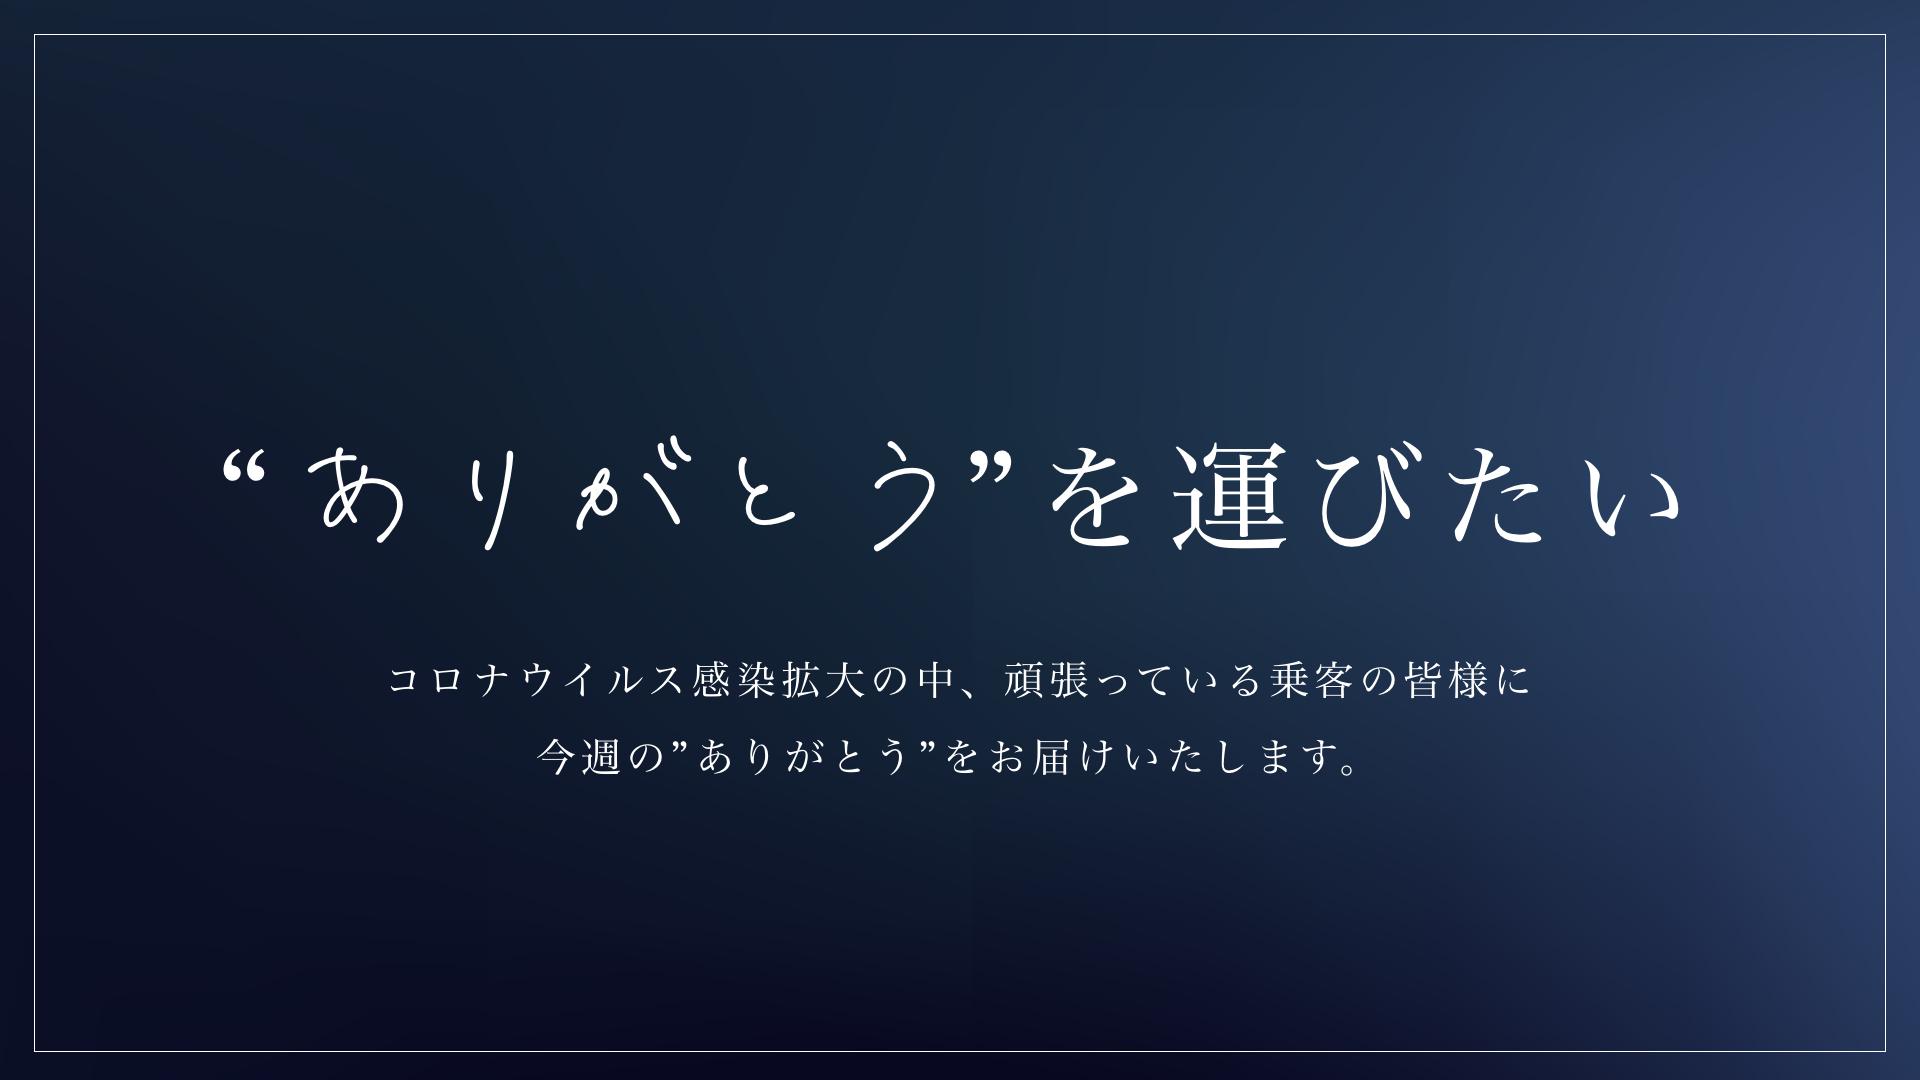 最前線で仕事をしてくださっている皆様にエールを。「ありがとうを運びたい」、Tokyo Primeで感謝のメッセージを放映。